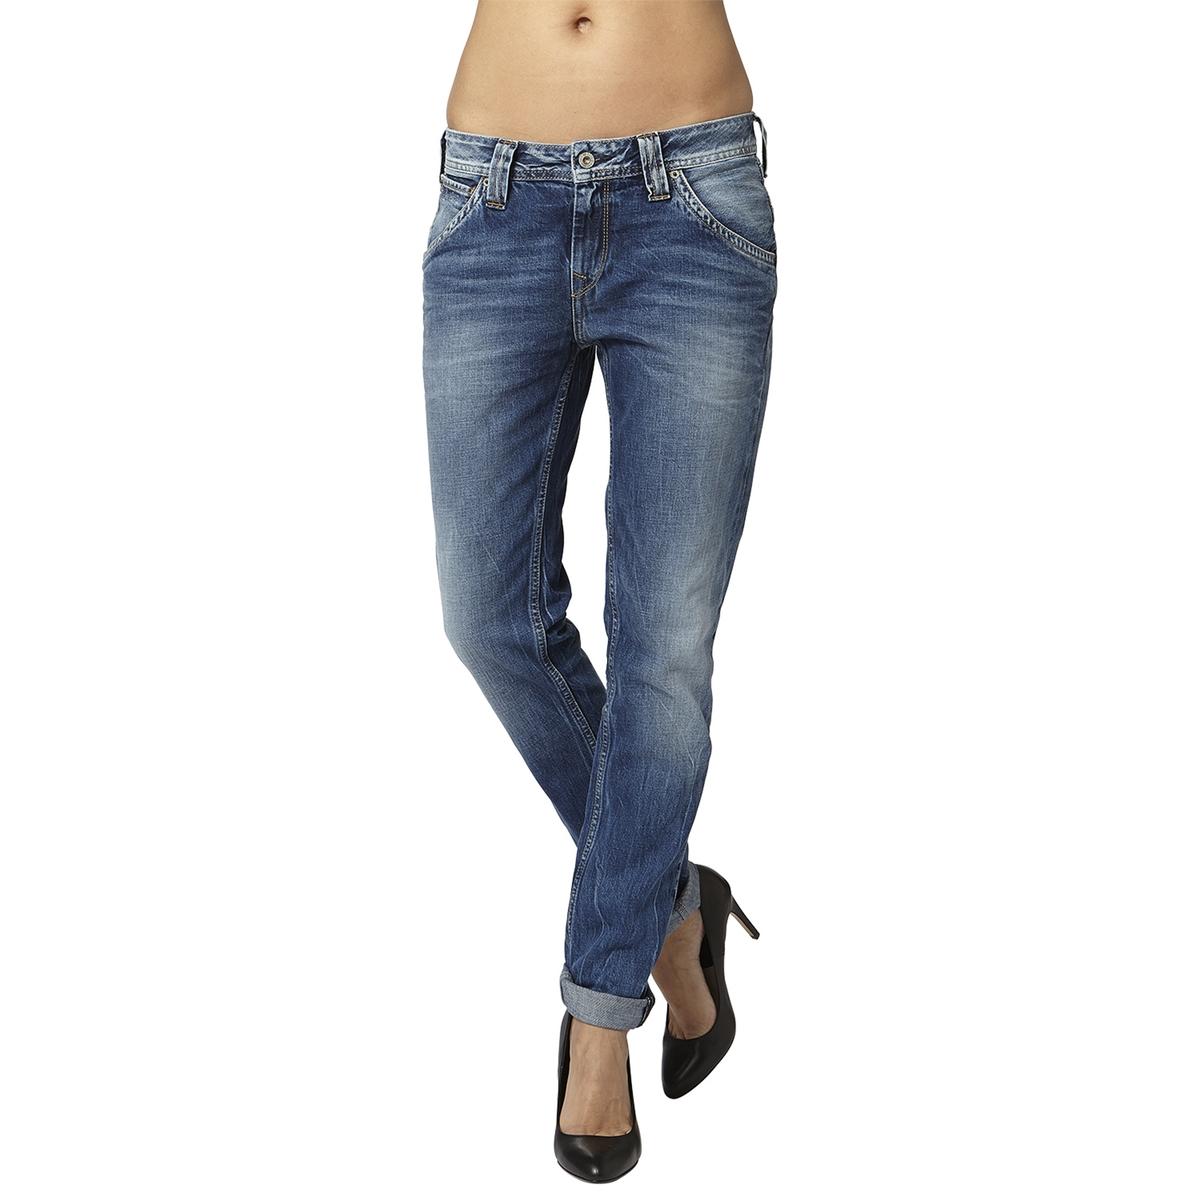 Джинсы boyfriend IDOLERМатериал :     Высота пояса : стандартная Покрой джинсов : бойфренд Длина джинсов : длина 32<br><br>Цвет: потертый деним<br>Размер: 26 длина 32.27 длина 32.25 длина 32